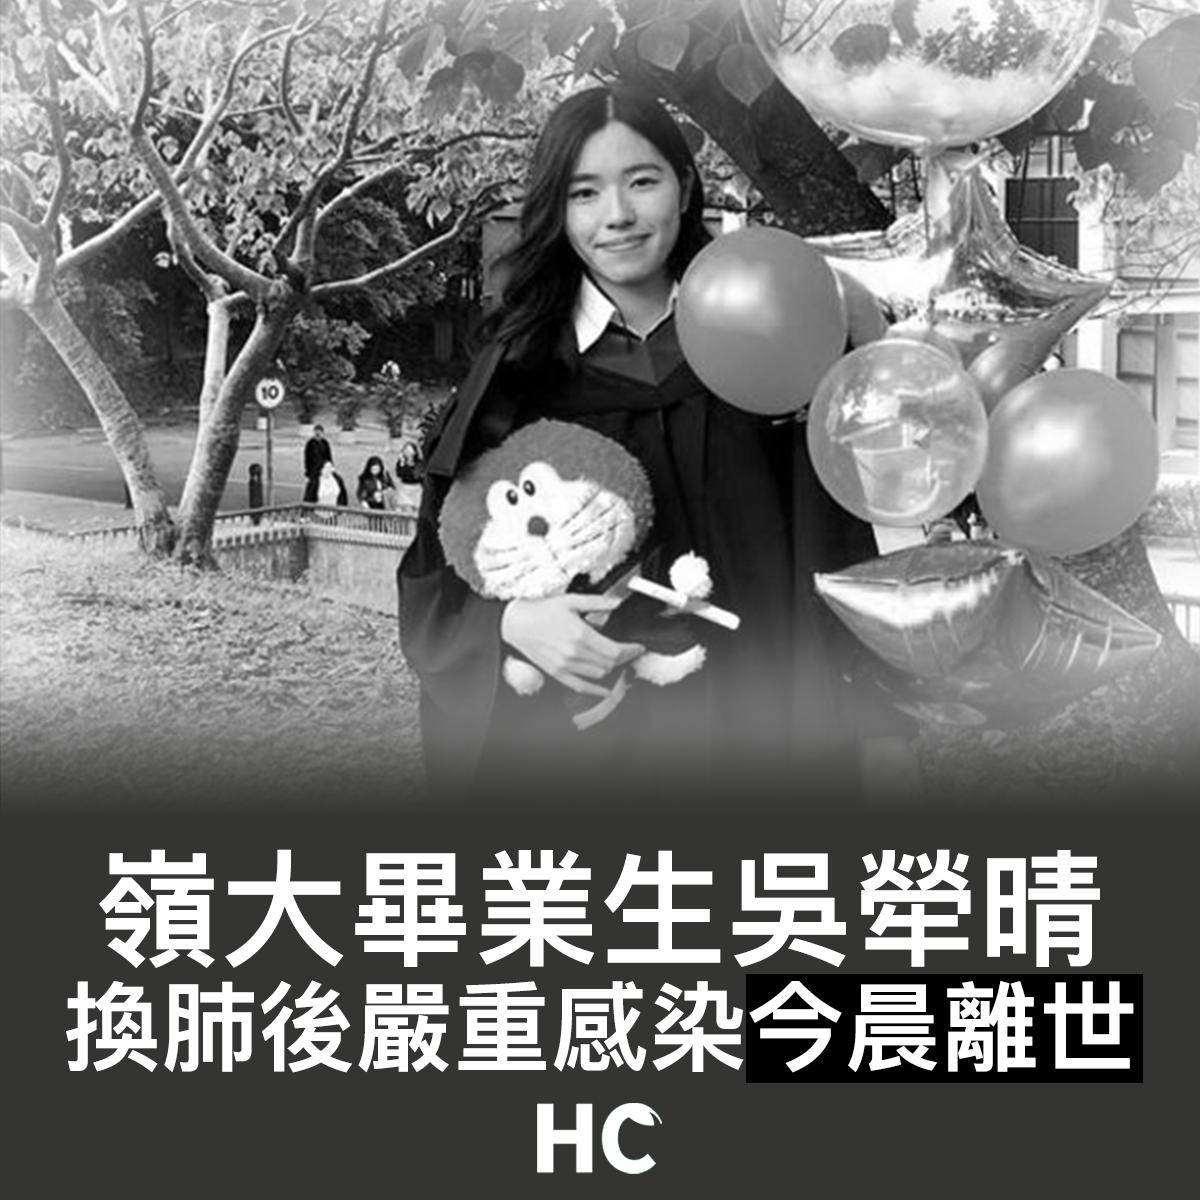 【#醫療熱話】嶺大畢業生吳犖晴 換肺後嚴重感染今晨離世